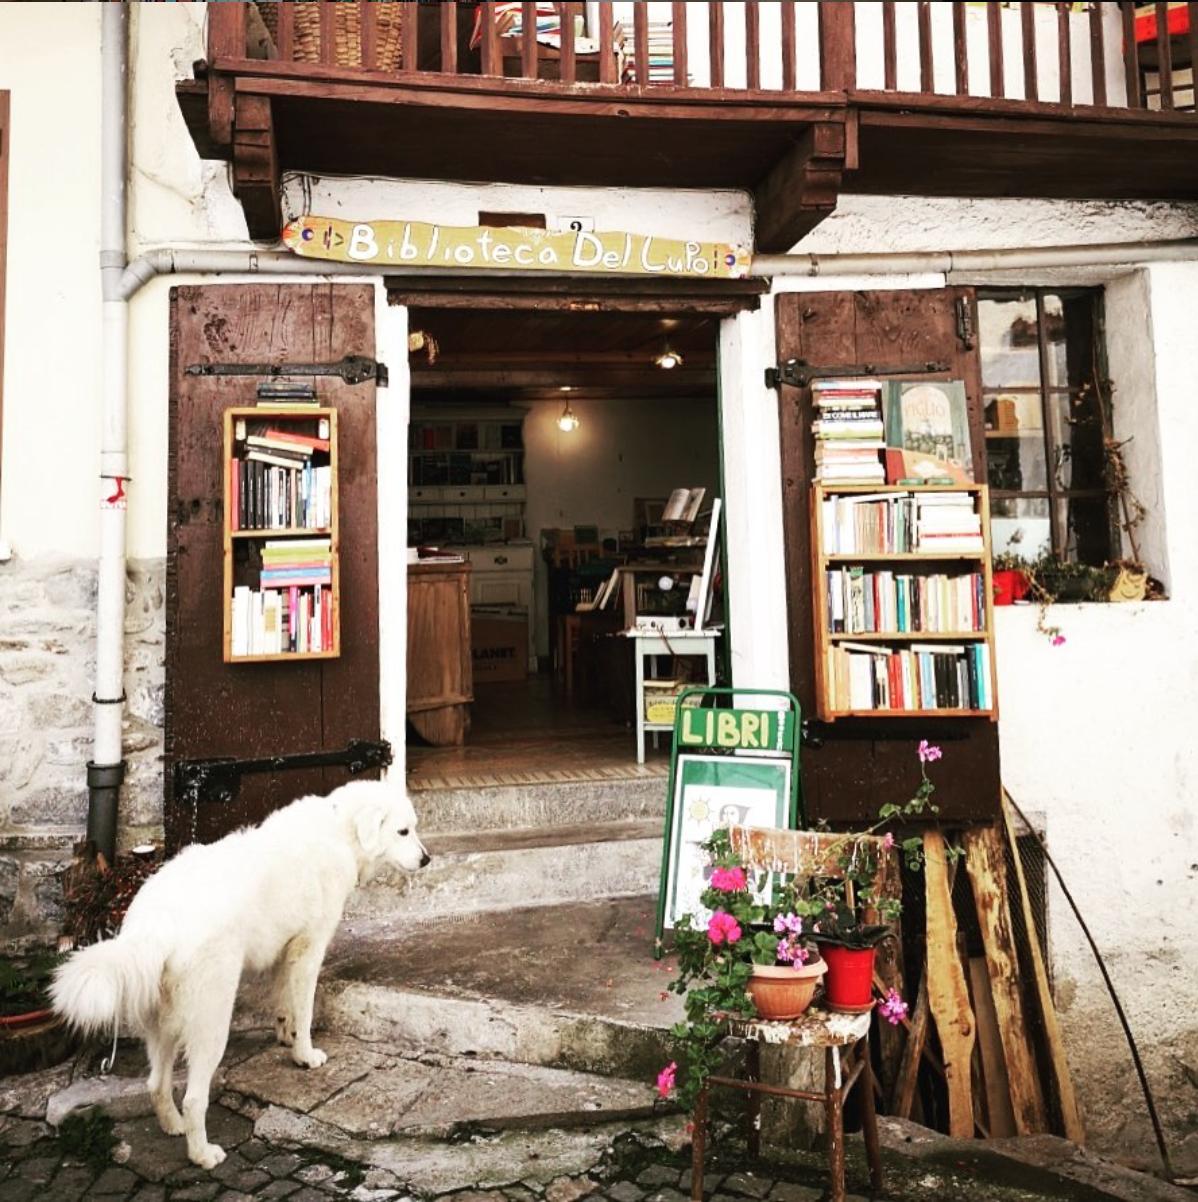 Nella baita di un piccolo borgo in Valchiusella, provincia di Torino, c'è una biblioteca aperta a tutti ma soprattutto ai lupi: la Biblioteca del Lupo